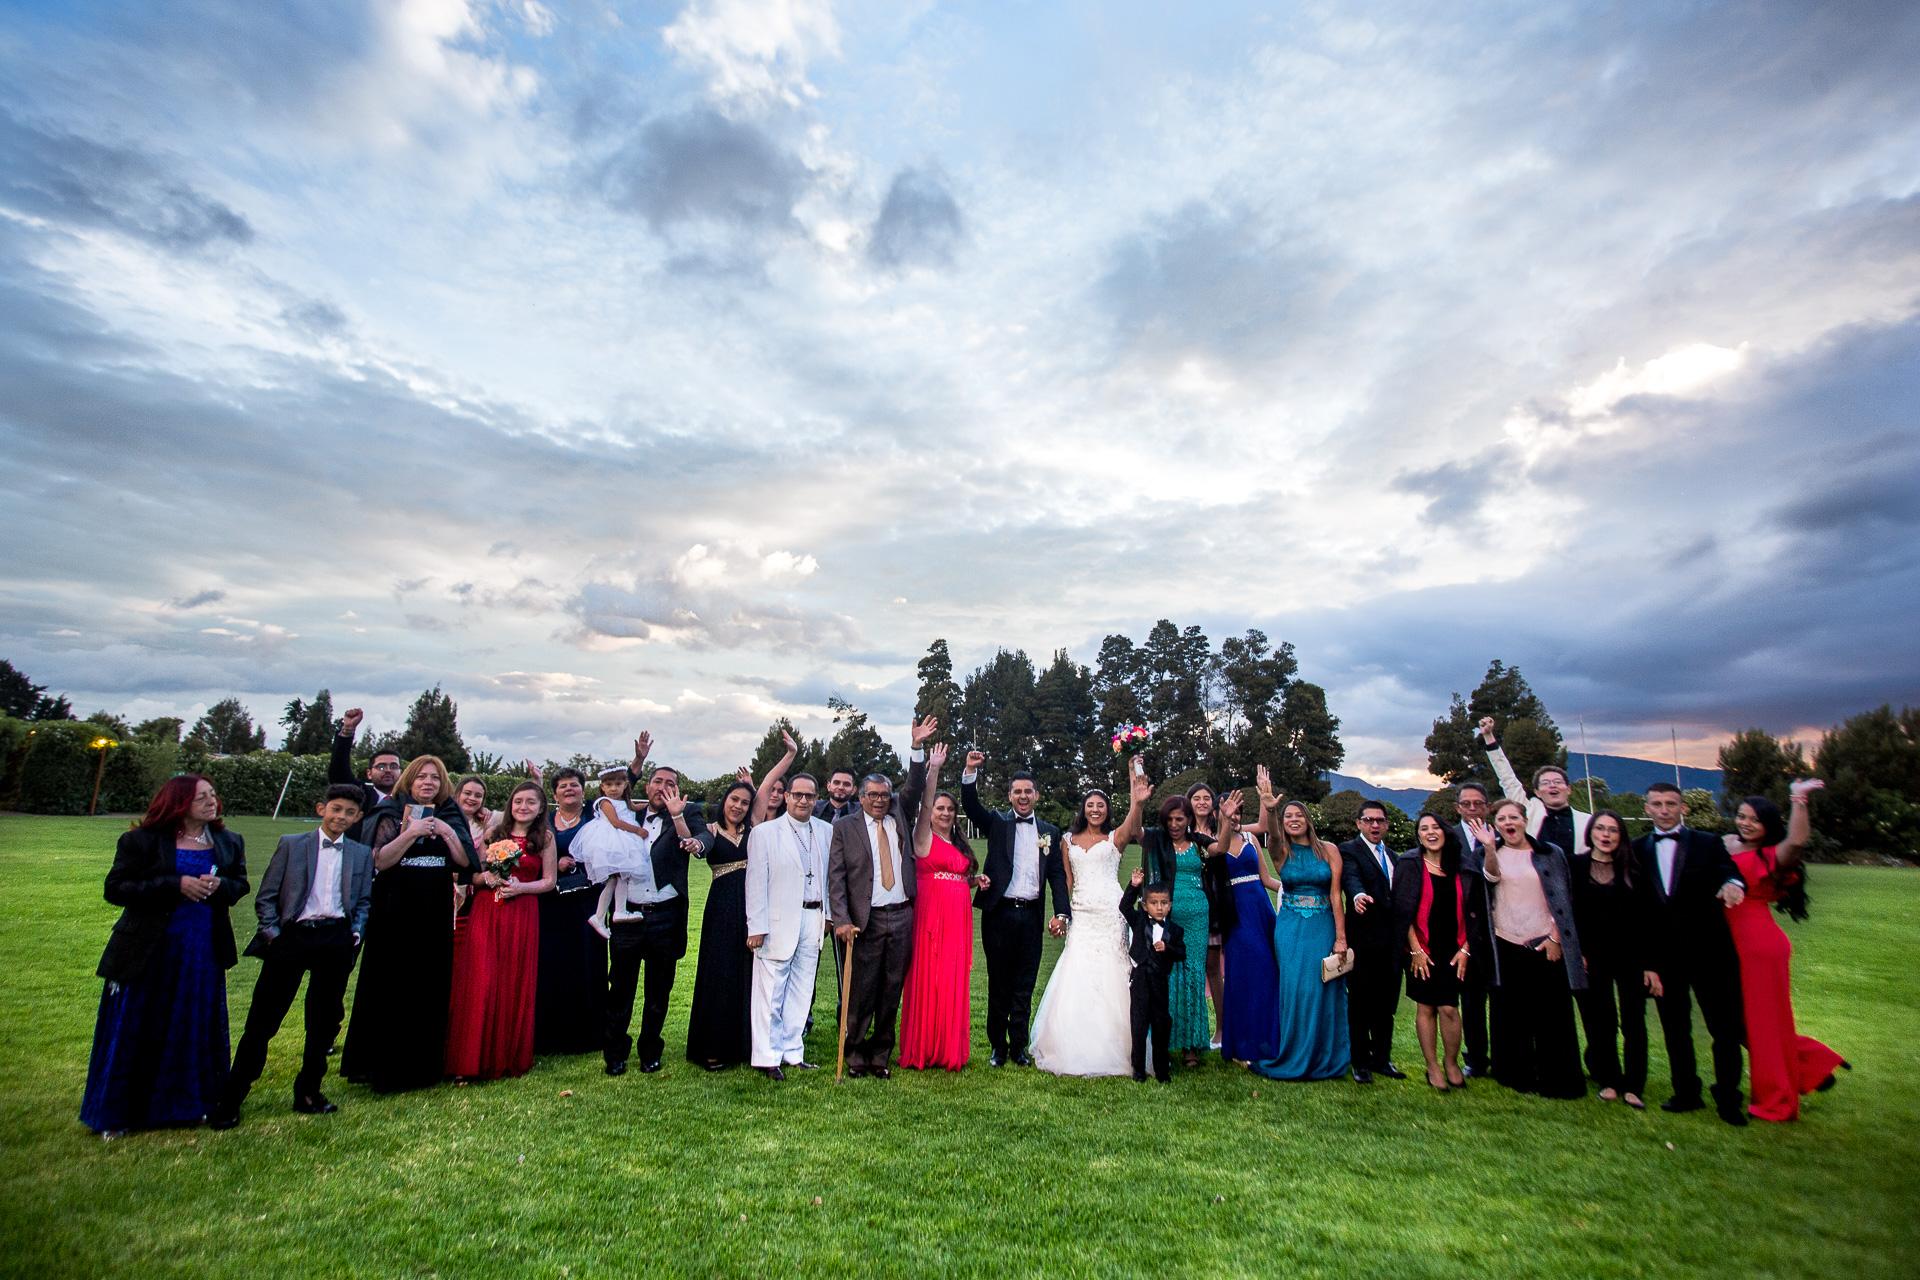 Fotógrafos-de-bodas-en-Colombia-Alejandro-y-Angelica-32 ALEJANDRO + ANGELICA